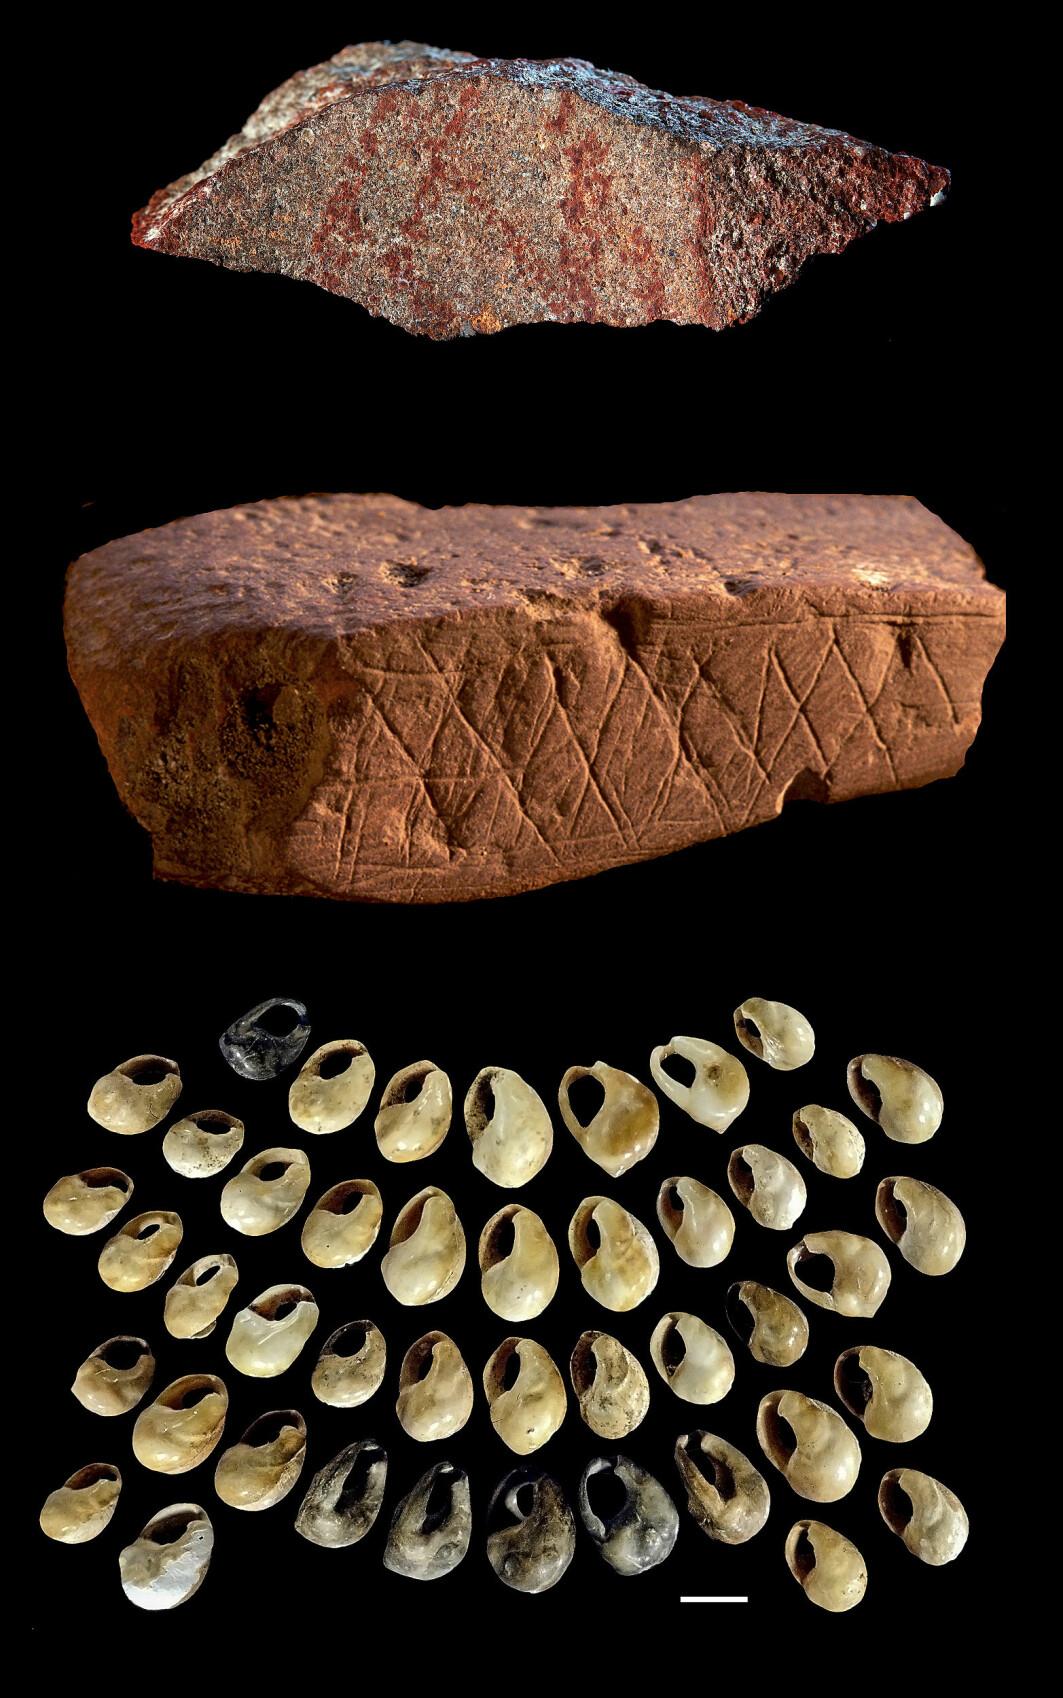 70 000 år gamle arteffakter funnet i Blomboshula. Øverst: tegning malt på steinavsalg. Midten: geometrisk mønster gravert inn på en okerbit. Nederst: smykkegjenstander laget av skjell.